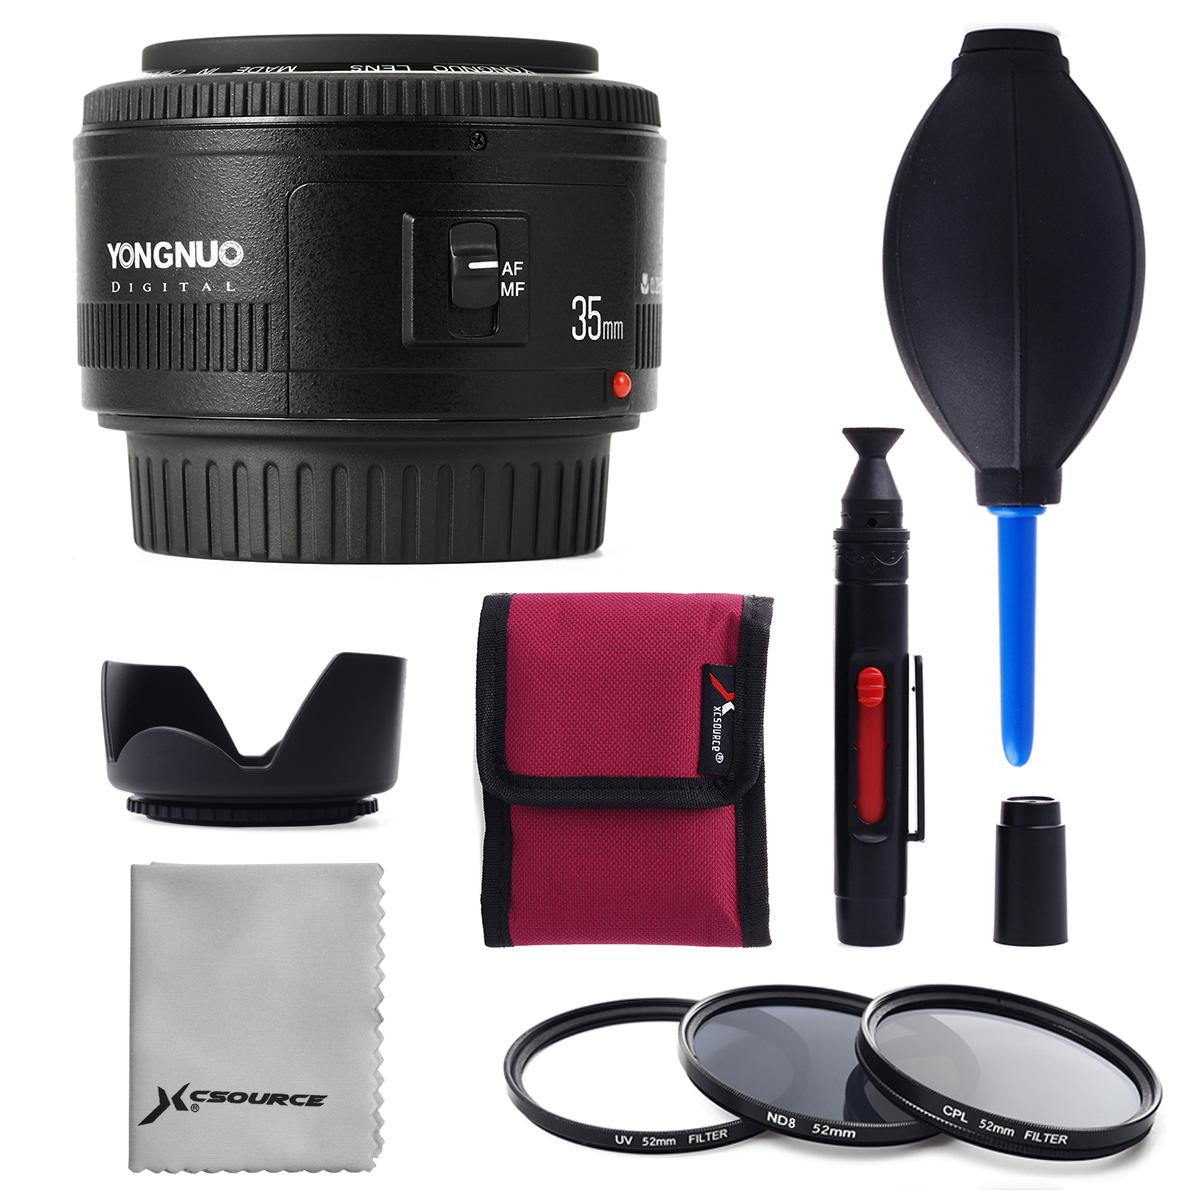 Вспышка yongnuo объективов EF 35 мм f/2 широкоугольный объектив + 52мм набор фильтров для Canon EOS камеры LF711